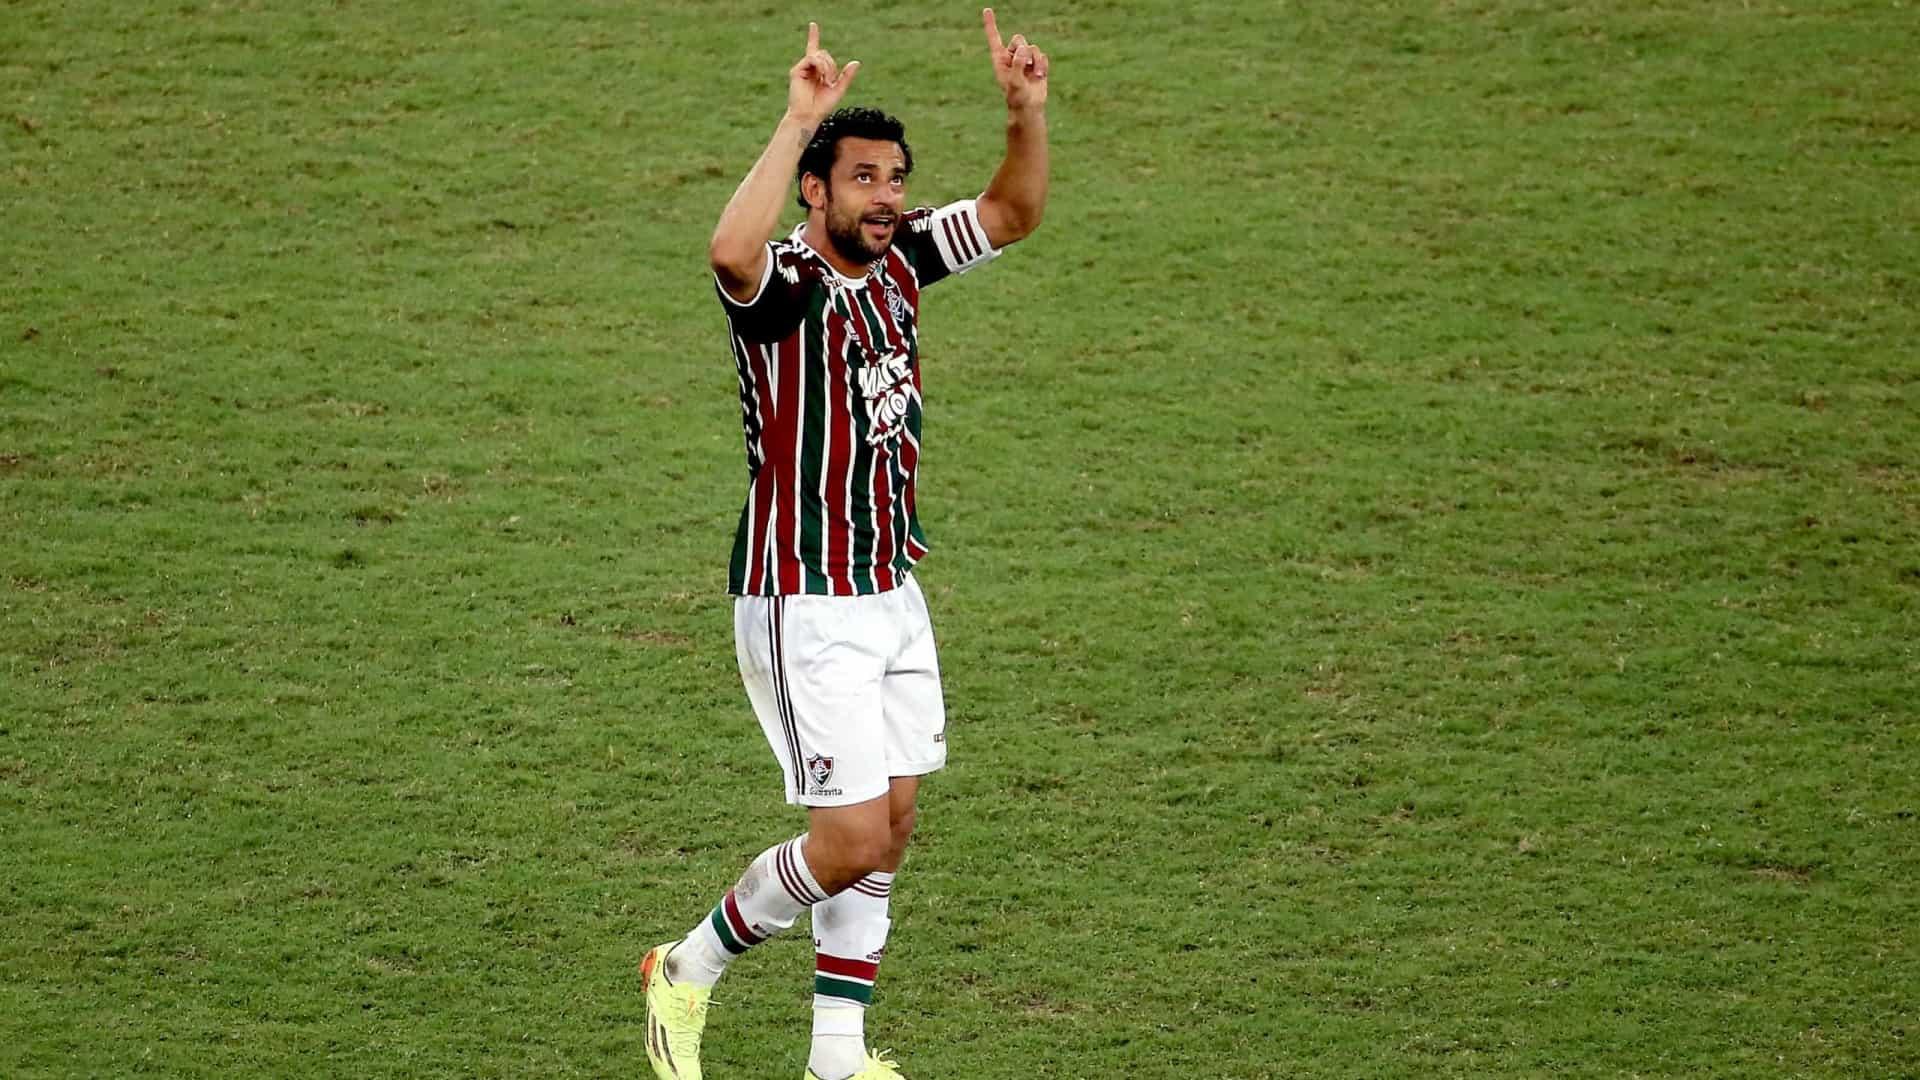 naom 5ed4cd69bd908 - Fifa exalta atuação de Fred em vitória do Fluminense